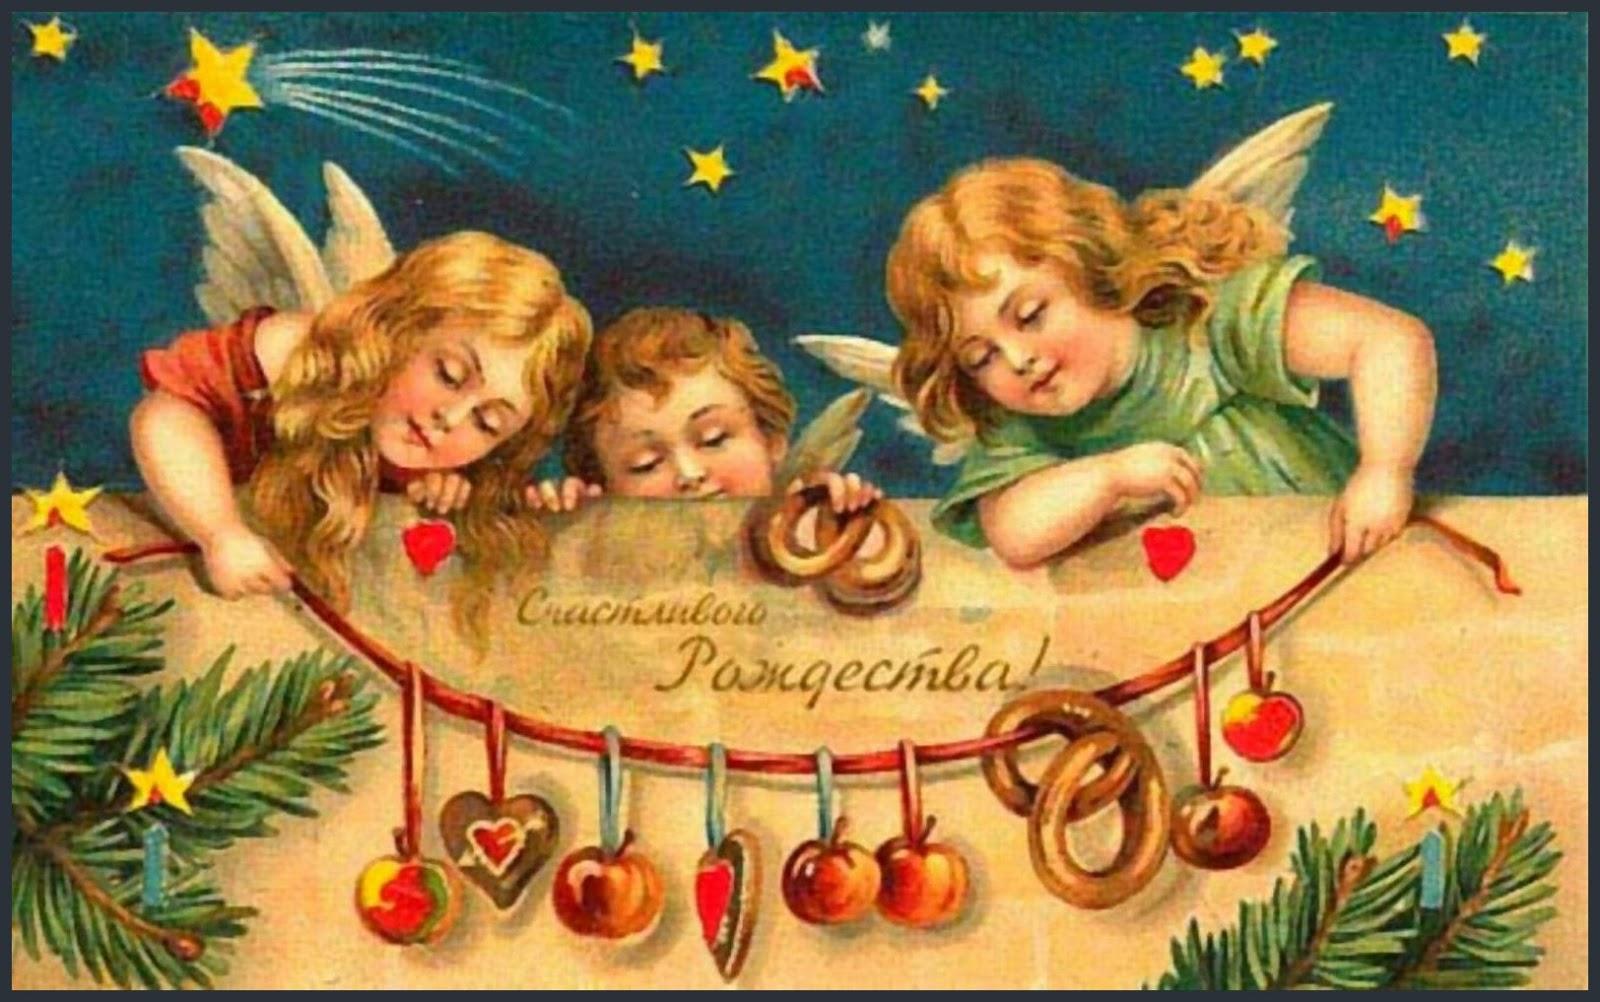 Поздравления на рождество на русском языке